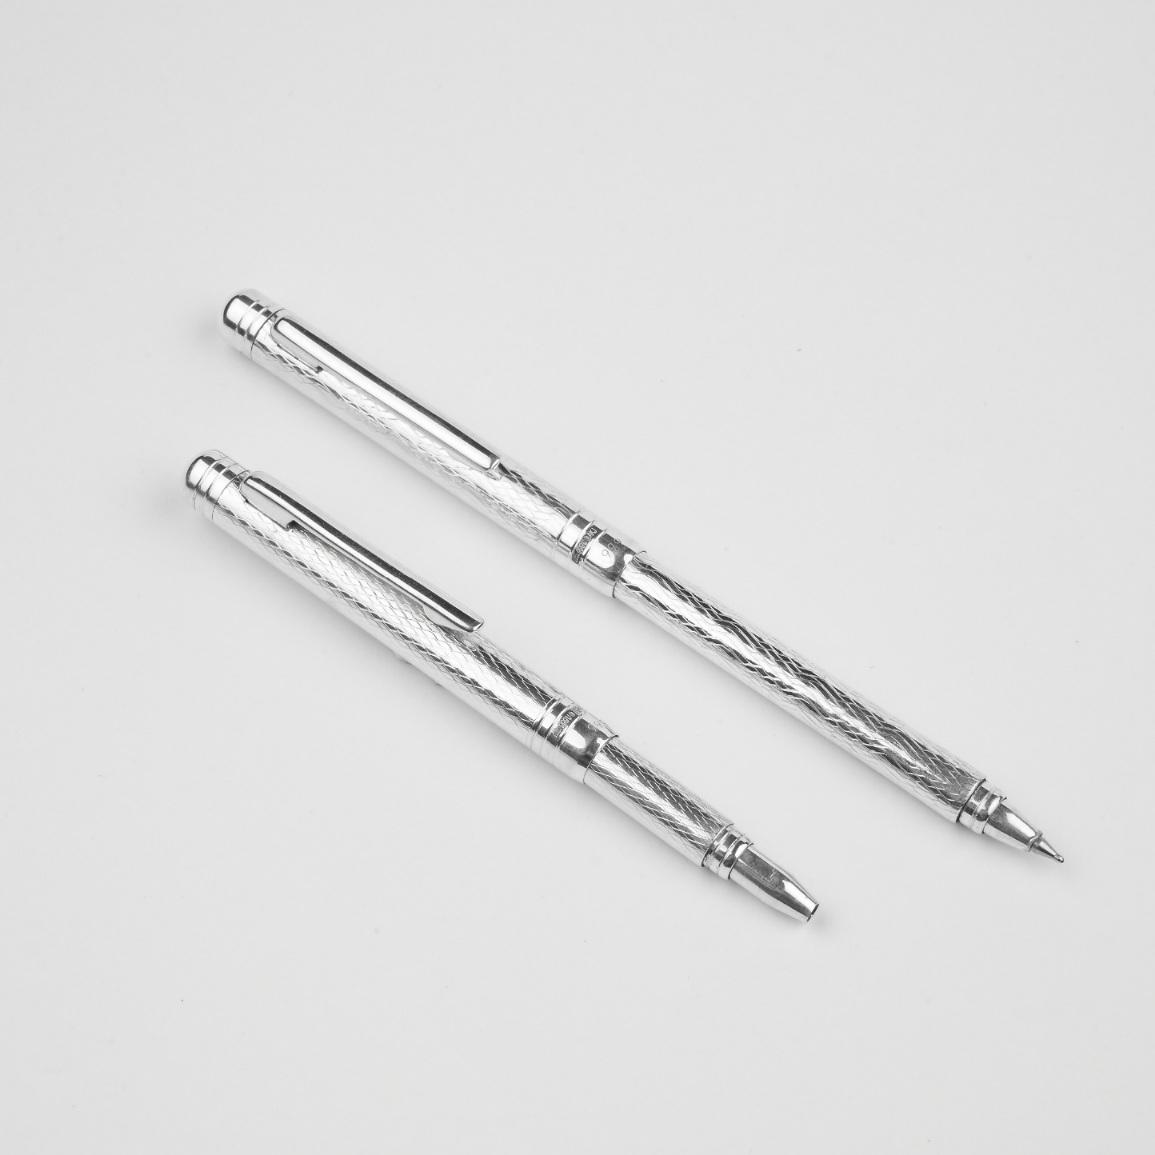 Pure Silver Pen